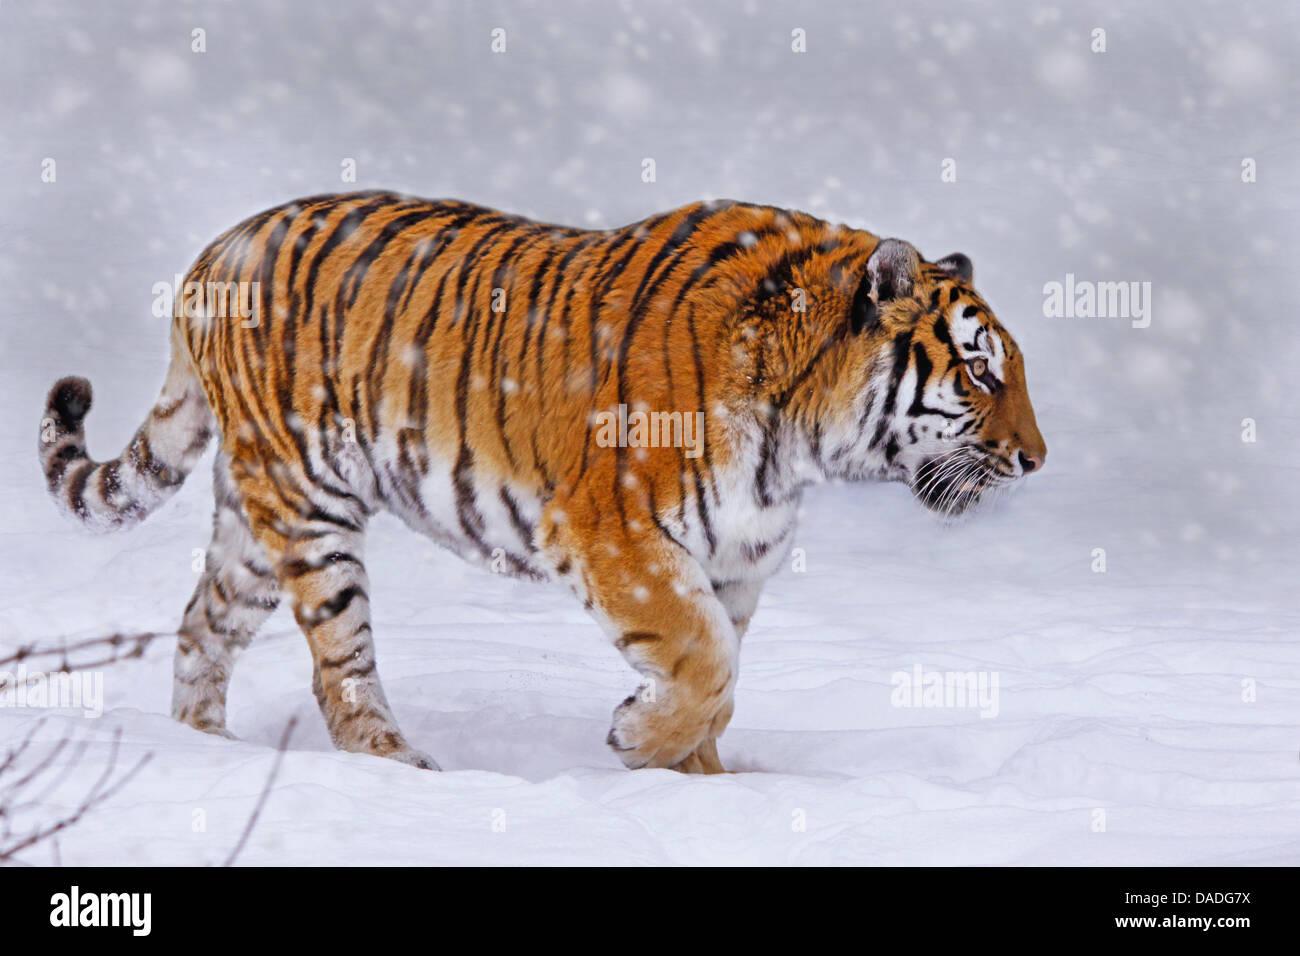 Tigre Siberiana, Amurian tiger (Panthera tigris altaica), passeggiate attraverso la neve Immagini Stock